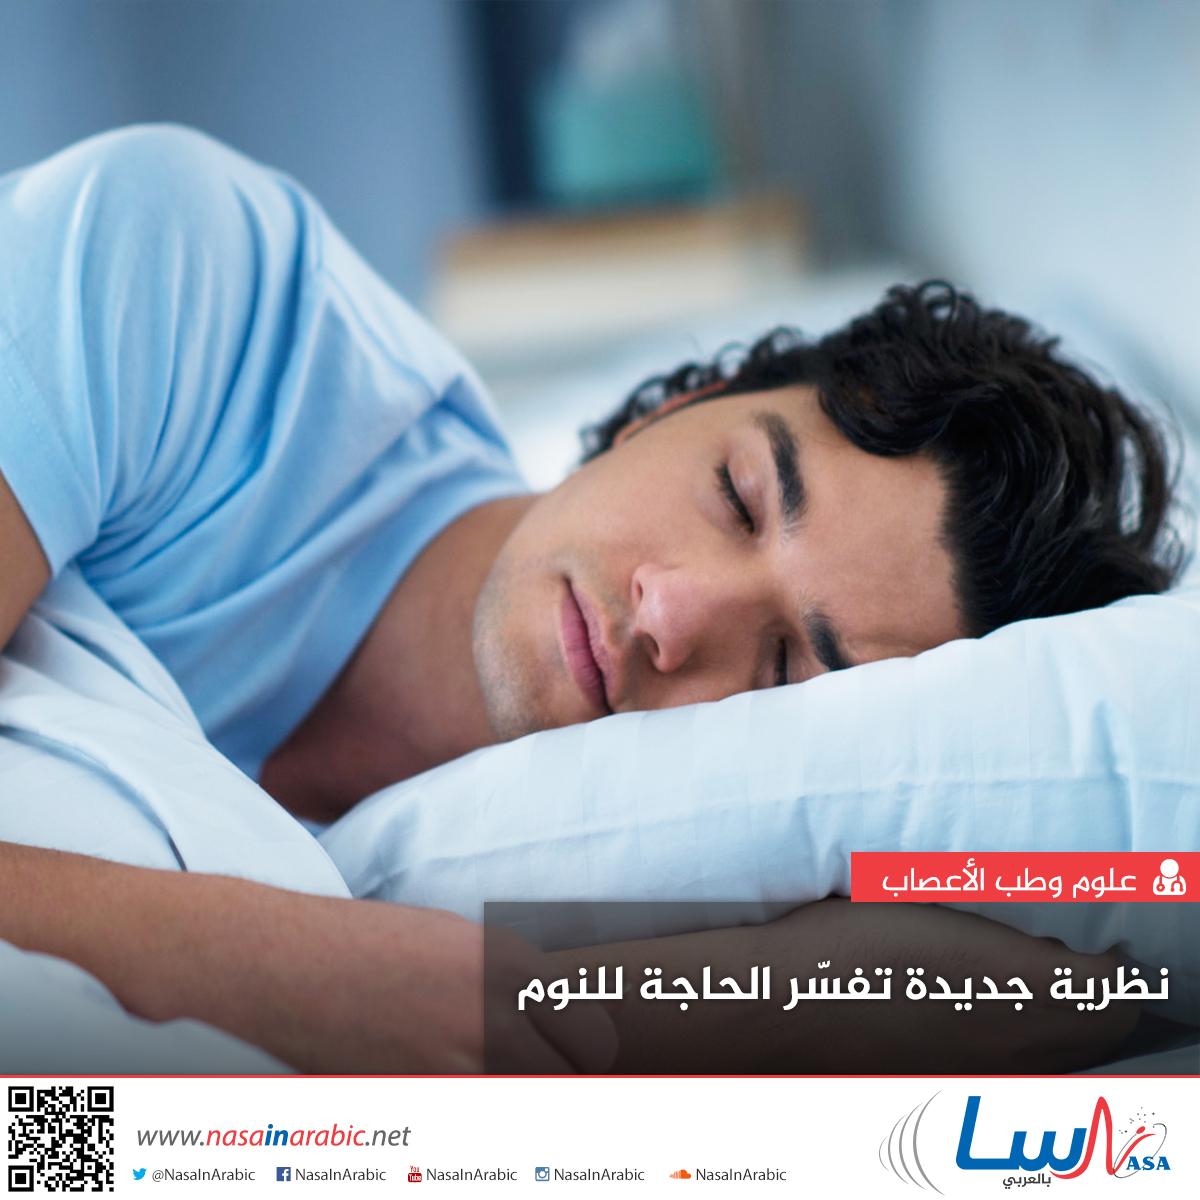 نظرية جديدة تفسّر الحاجة للنوم